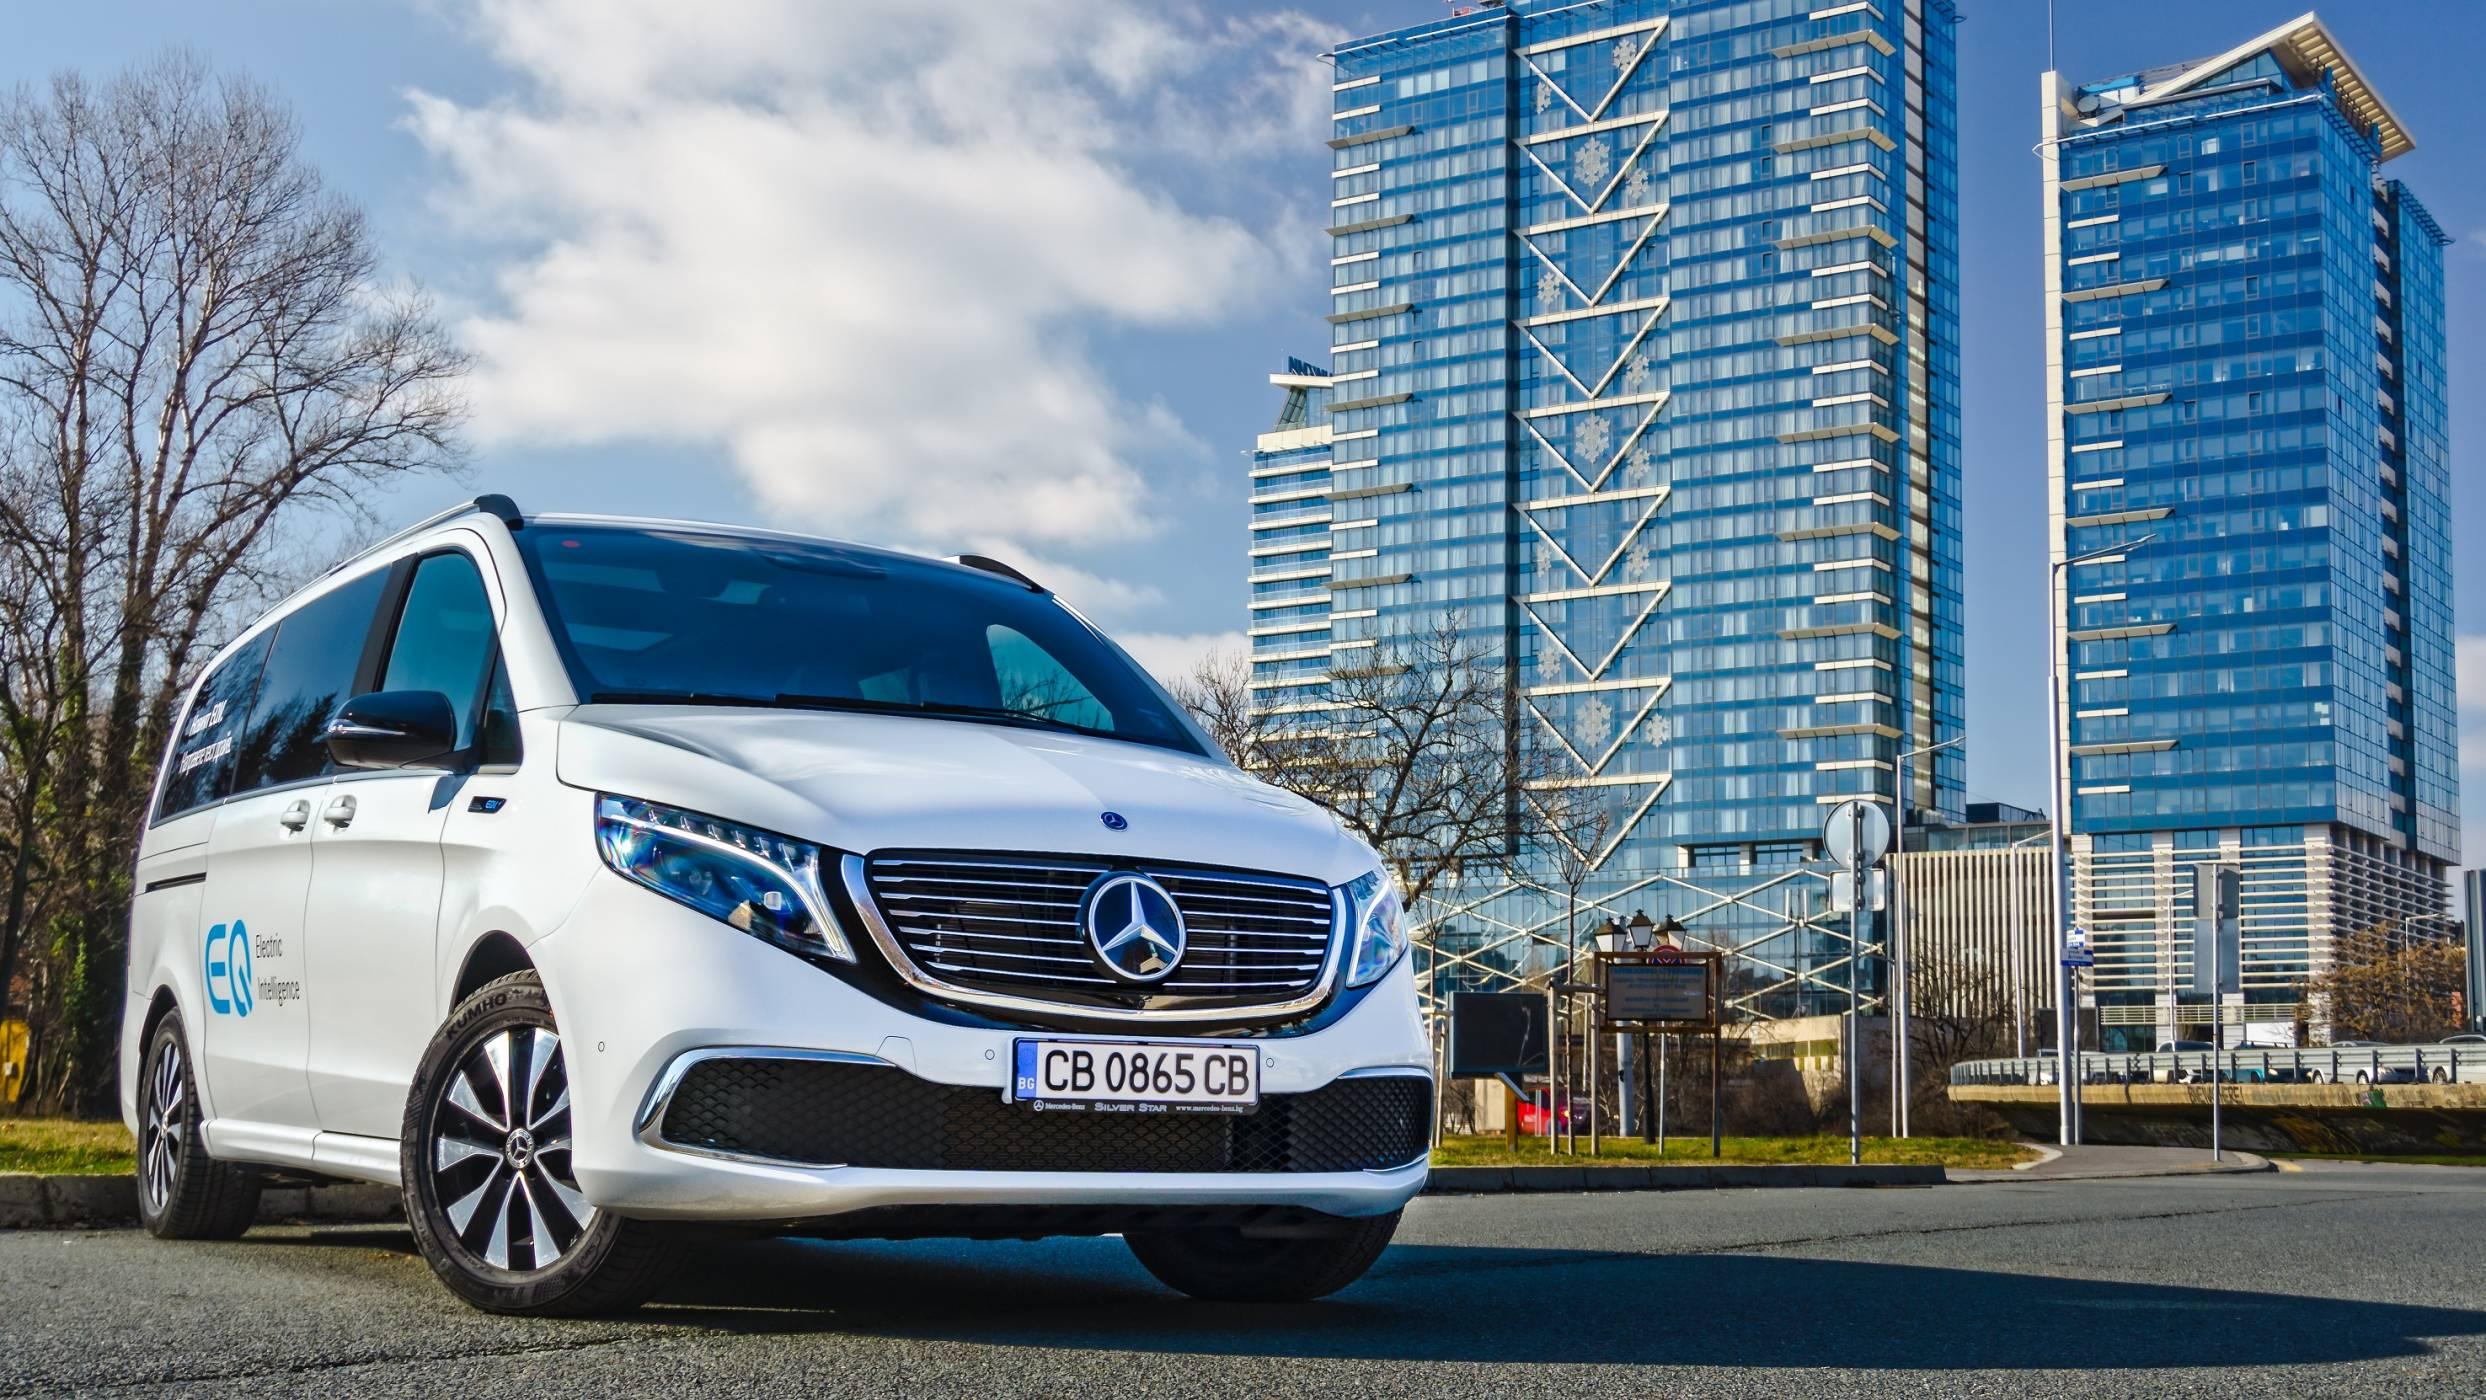 Електрическите автомобили на Mercedes-Benz идват у нас съвсем скоро